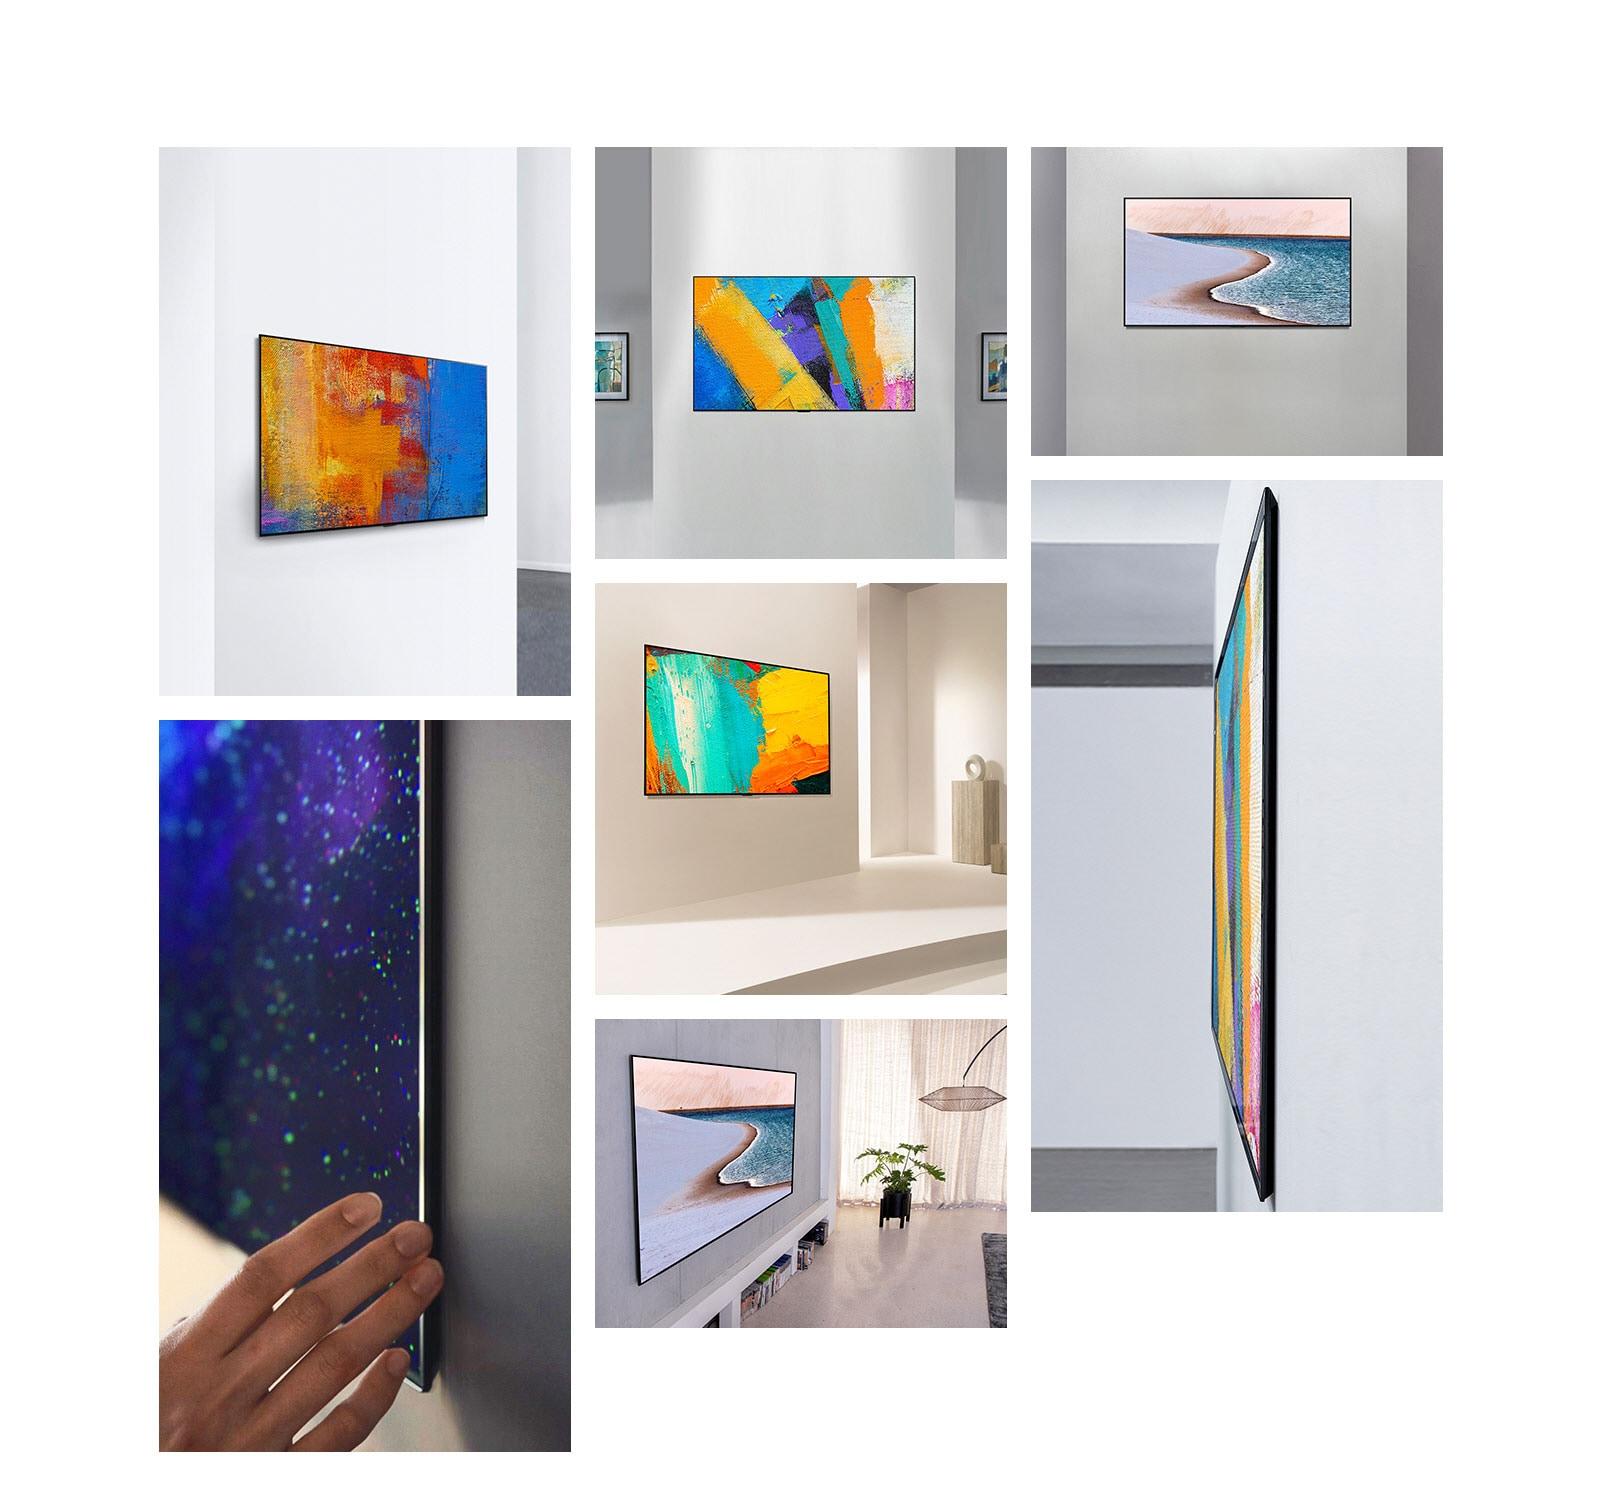 TV-OLED-GX-26-Gallery-View-Desktop